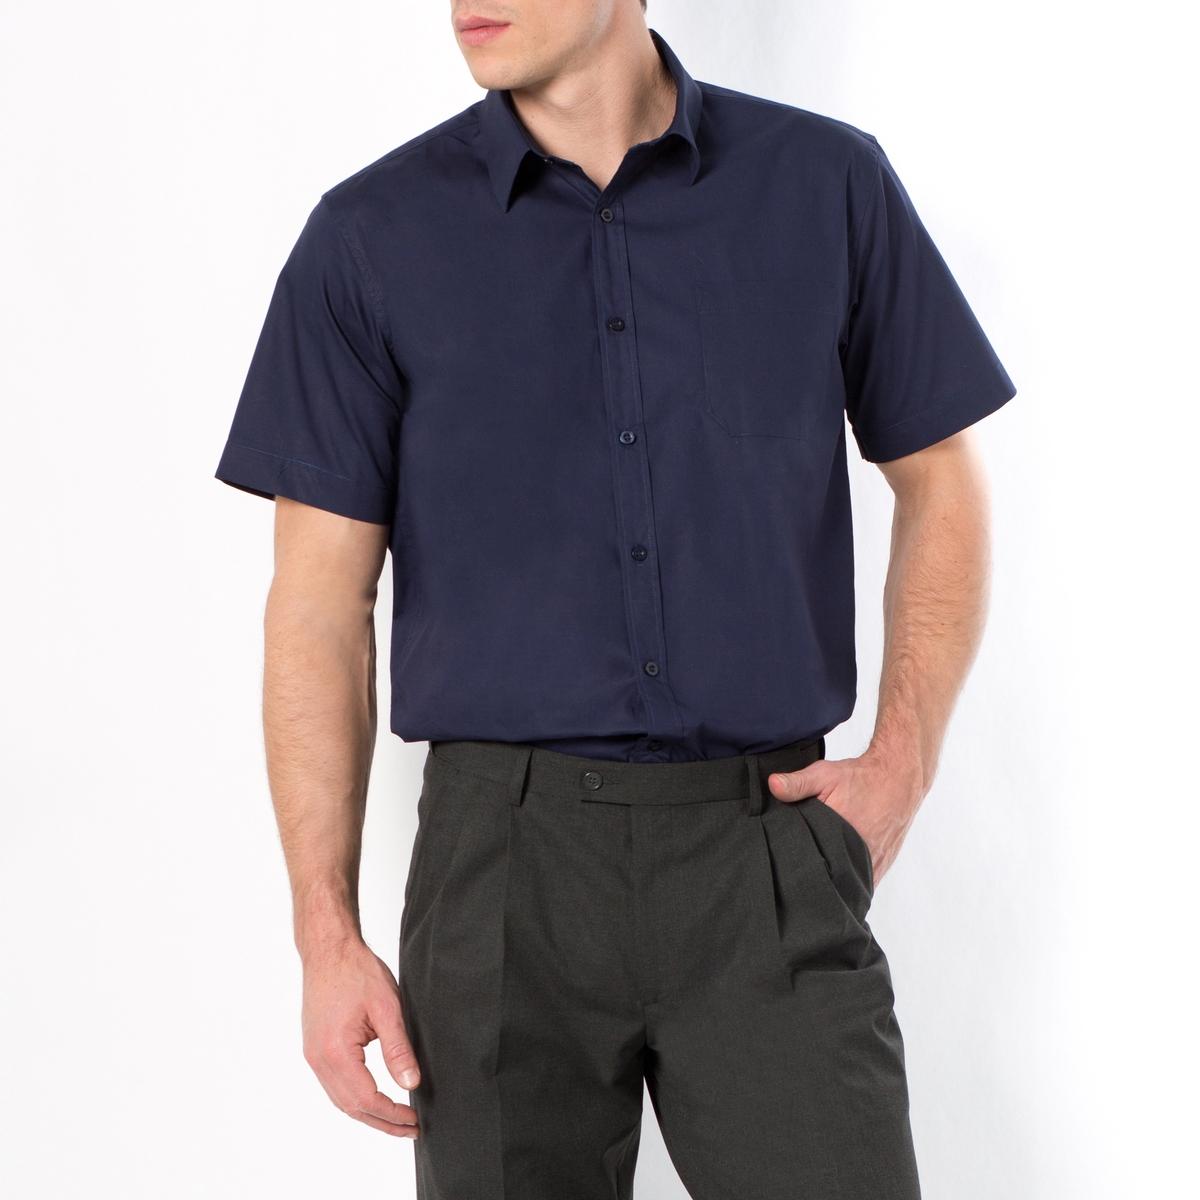 Рубашка из поплина с короткими рукавами, рост 1 и 2Рост 1 и 2 (при росте до 187 см) :  - длина рубашки спереди 85 см для размера 41/42 и 92 см для размера 55/56.- длина рукавов 24 см для размера 41/42 и 27,5 см для размера 55/56Данная модель представлена также для роста 3 (при росте от 187 см) и с длинными рукавами.<br><br>Цвет: белый,голубой,темно-синий,черный<br>Размер: 47/48.43/44.53/54.41/42.51/52.47/48